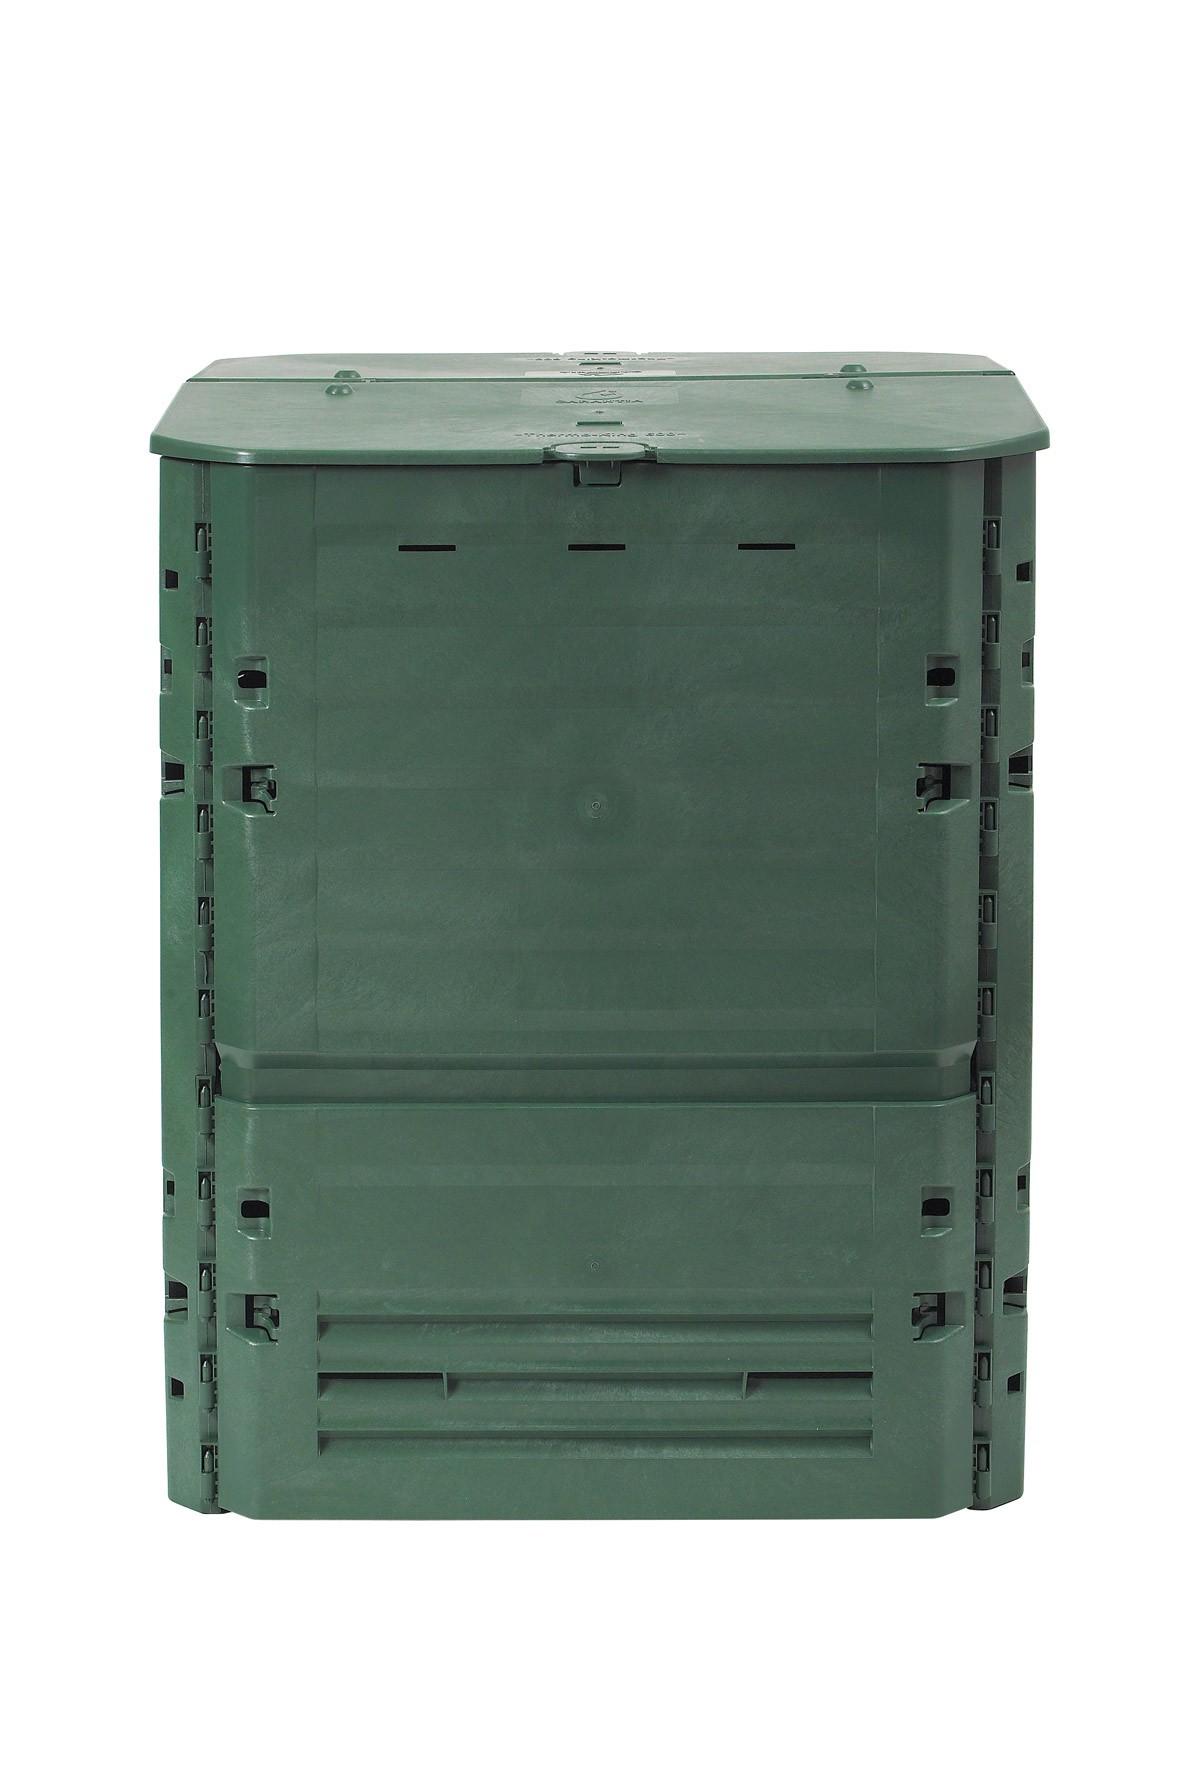 Komposter / Thermokomposter Thermo-King grün 600 Liter Garantia 626002 Bild 1